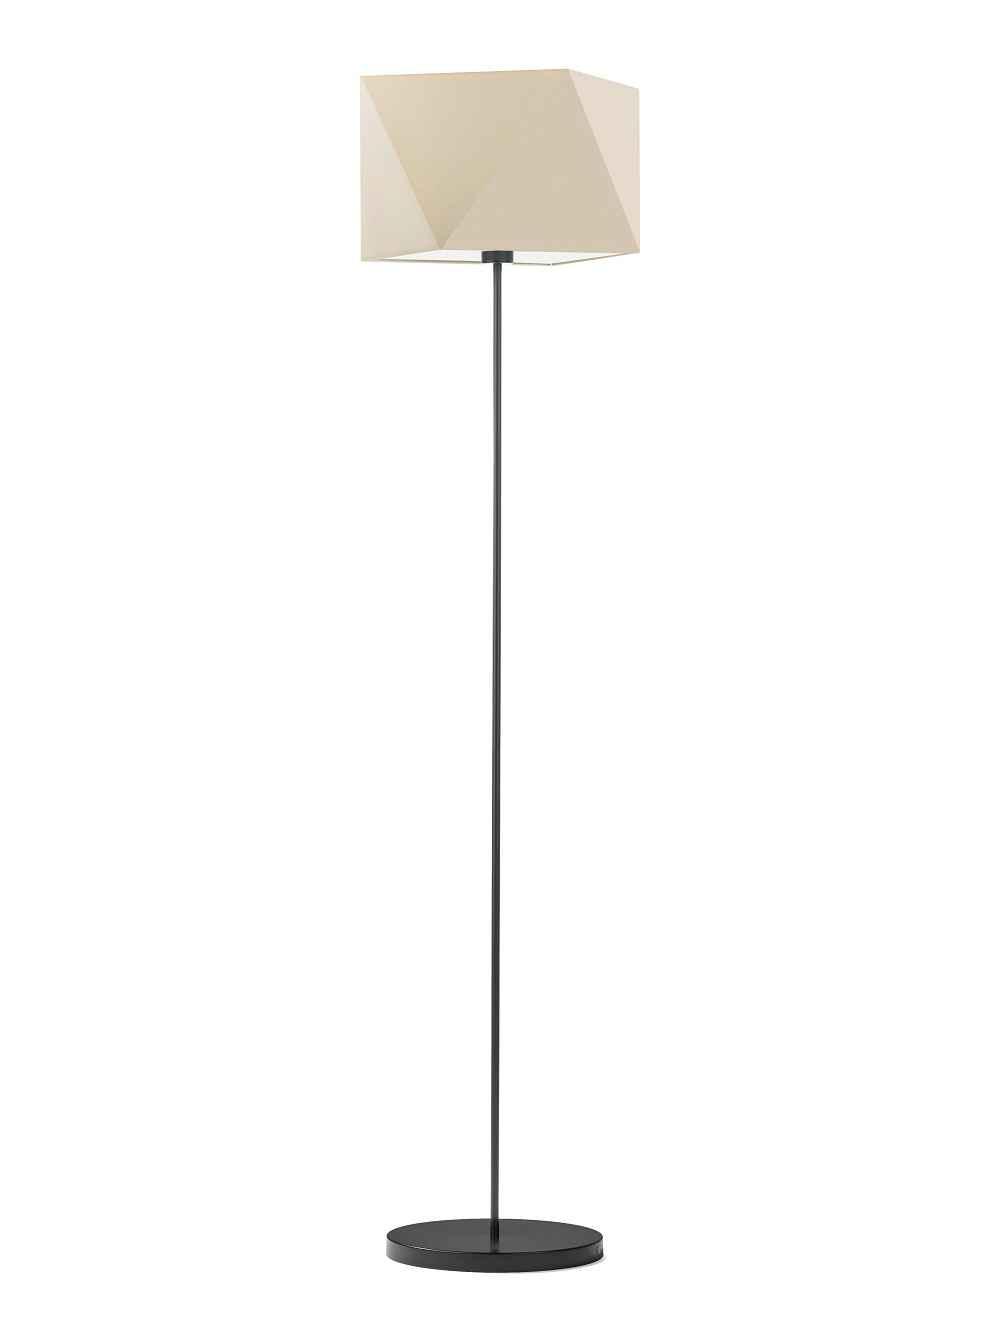 Lampa stojąca abażurowa diament BURNE! Częstochowa - zdjęcie 5